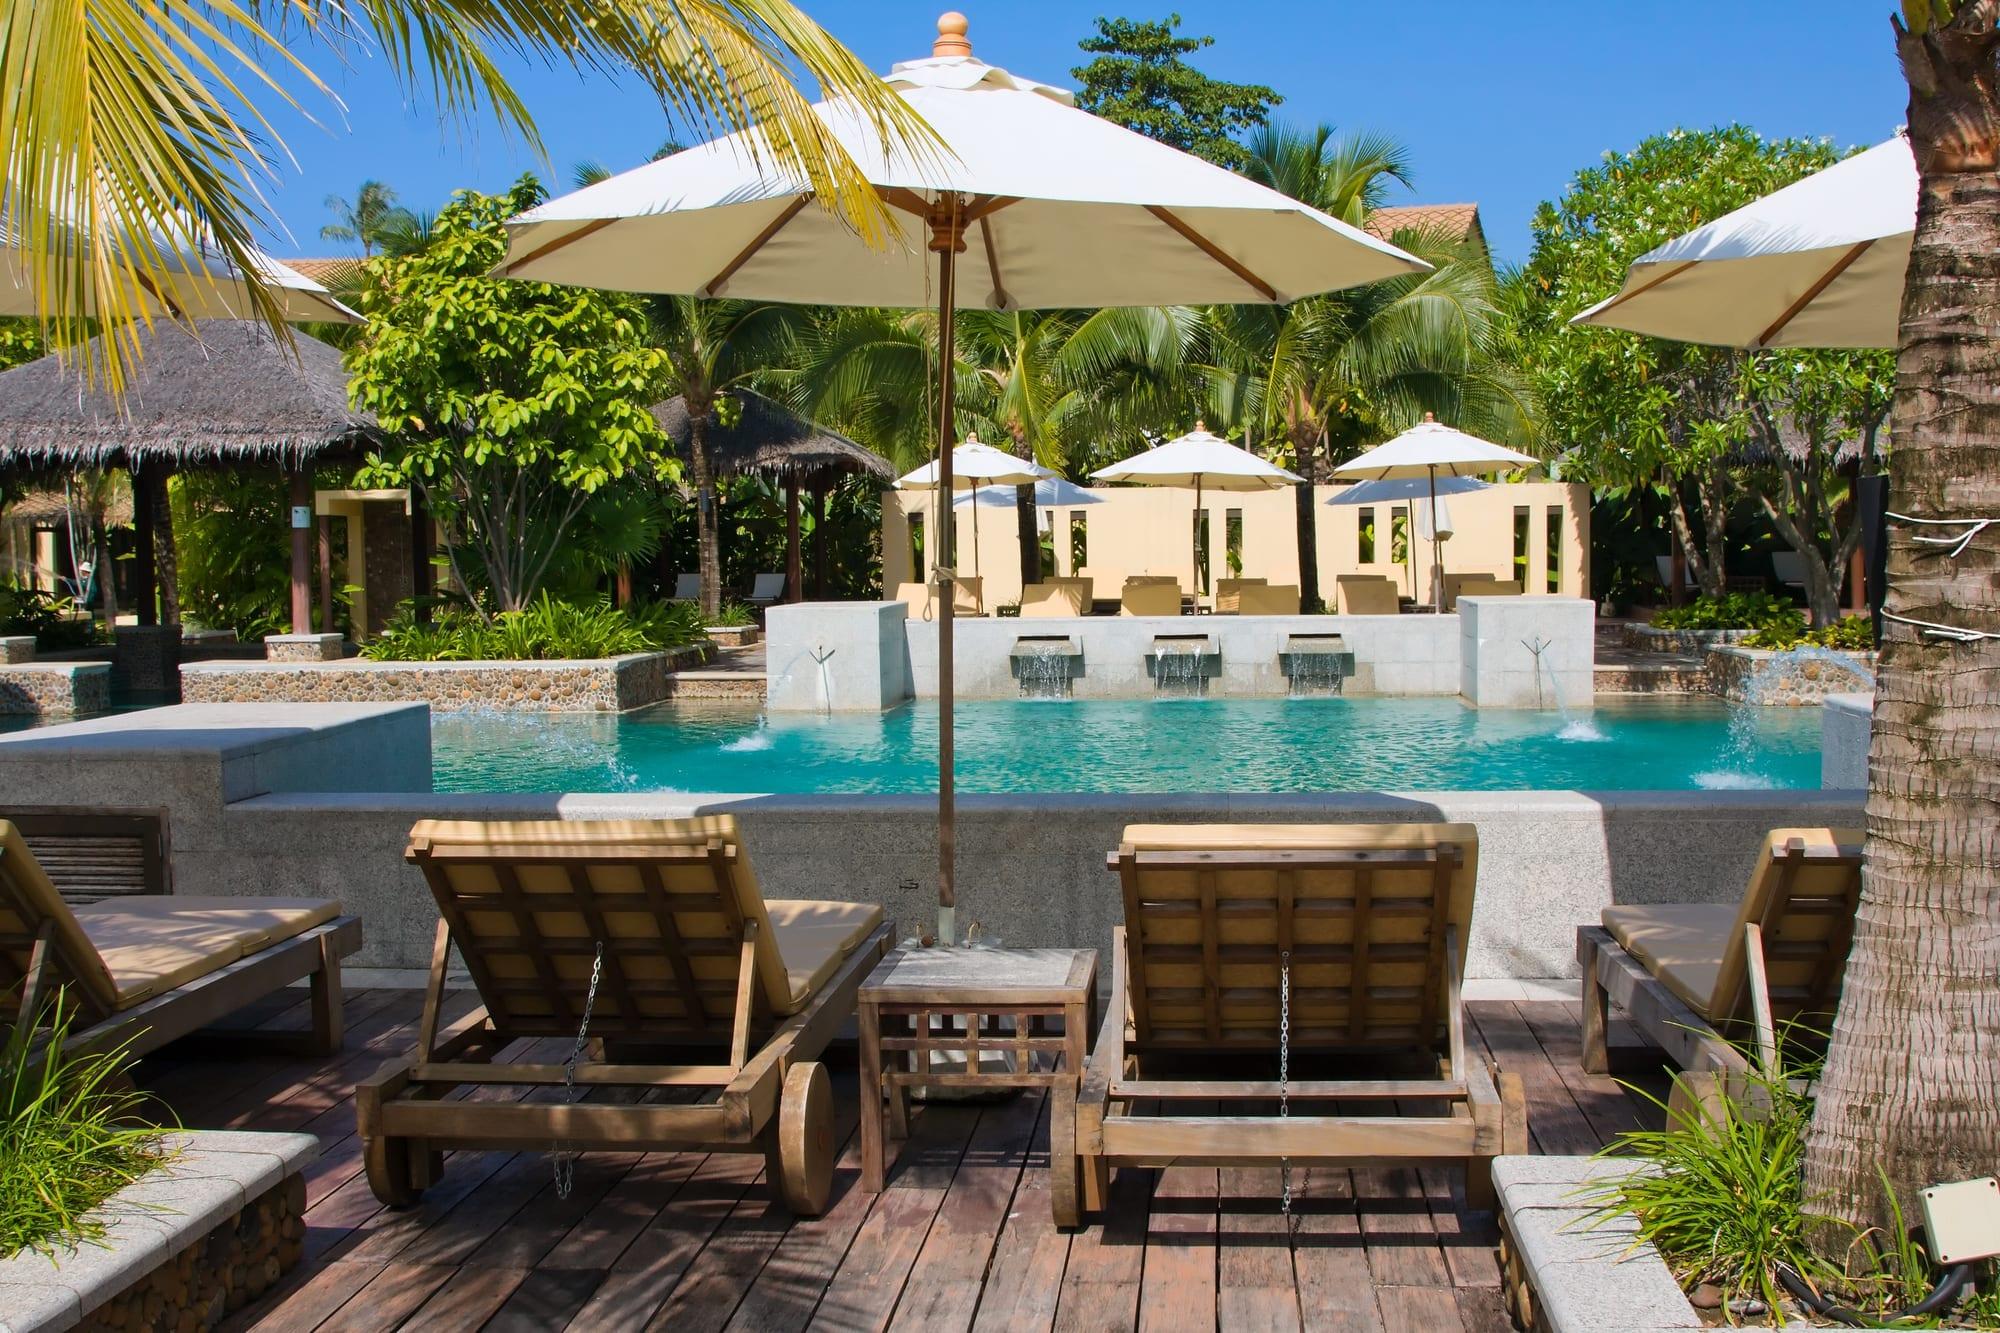 A beautiful backyard swimming pool area